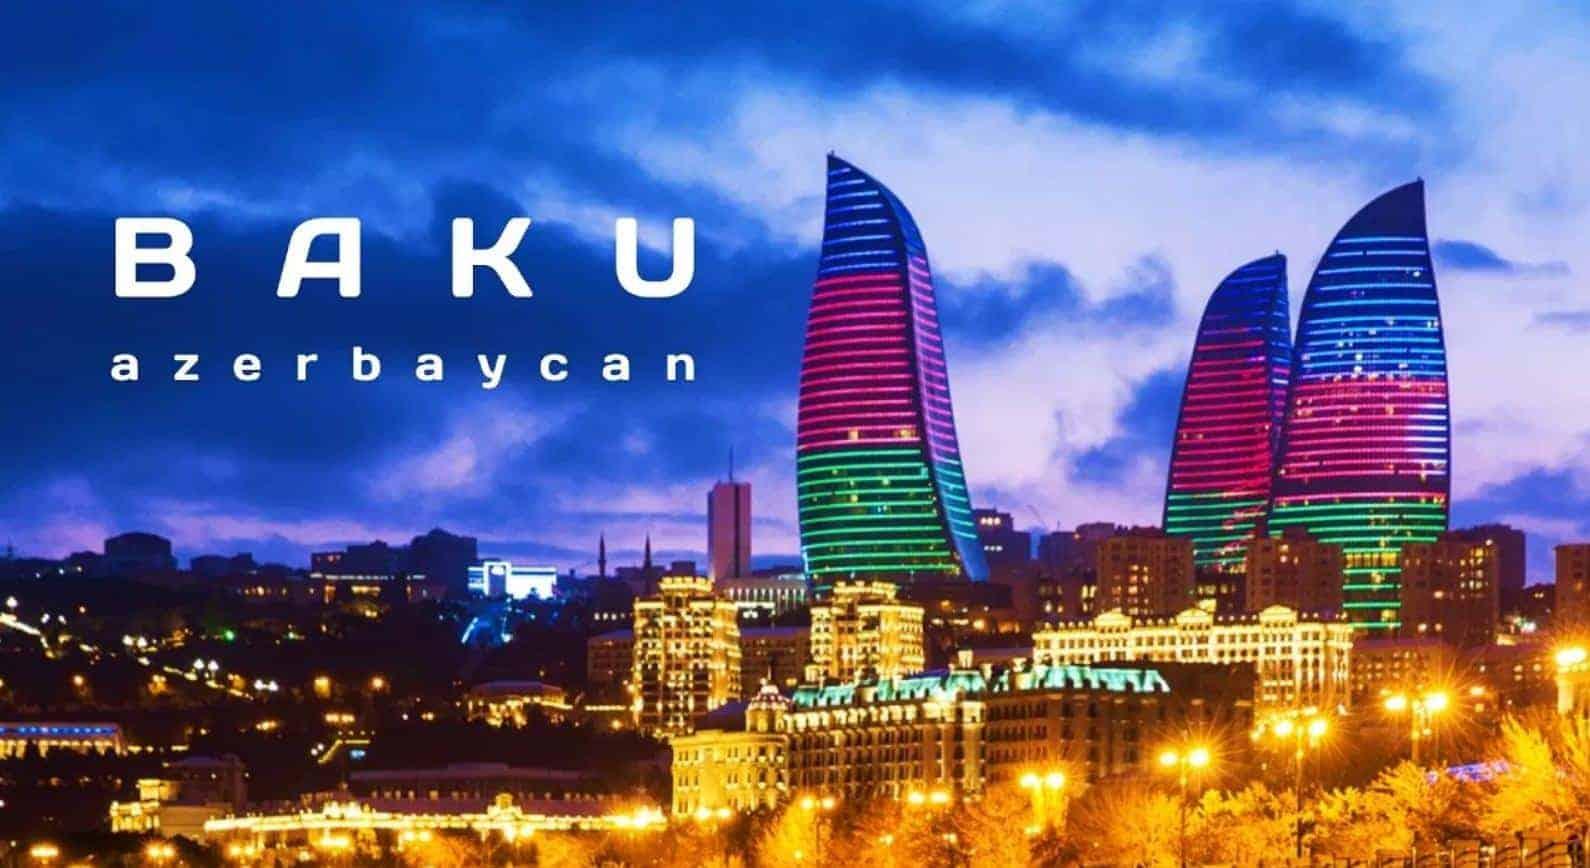 مدينة باكو، أذربيجان